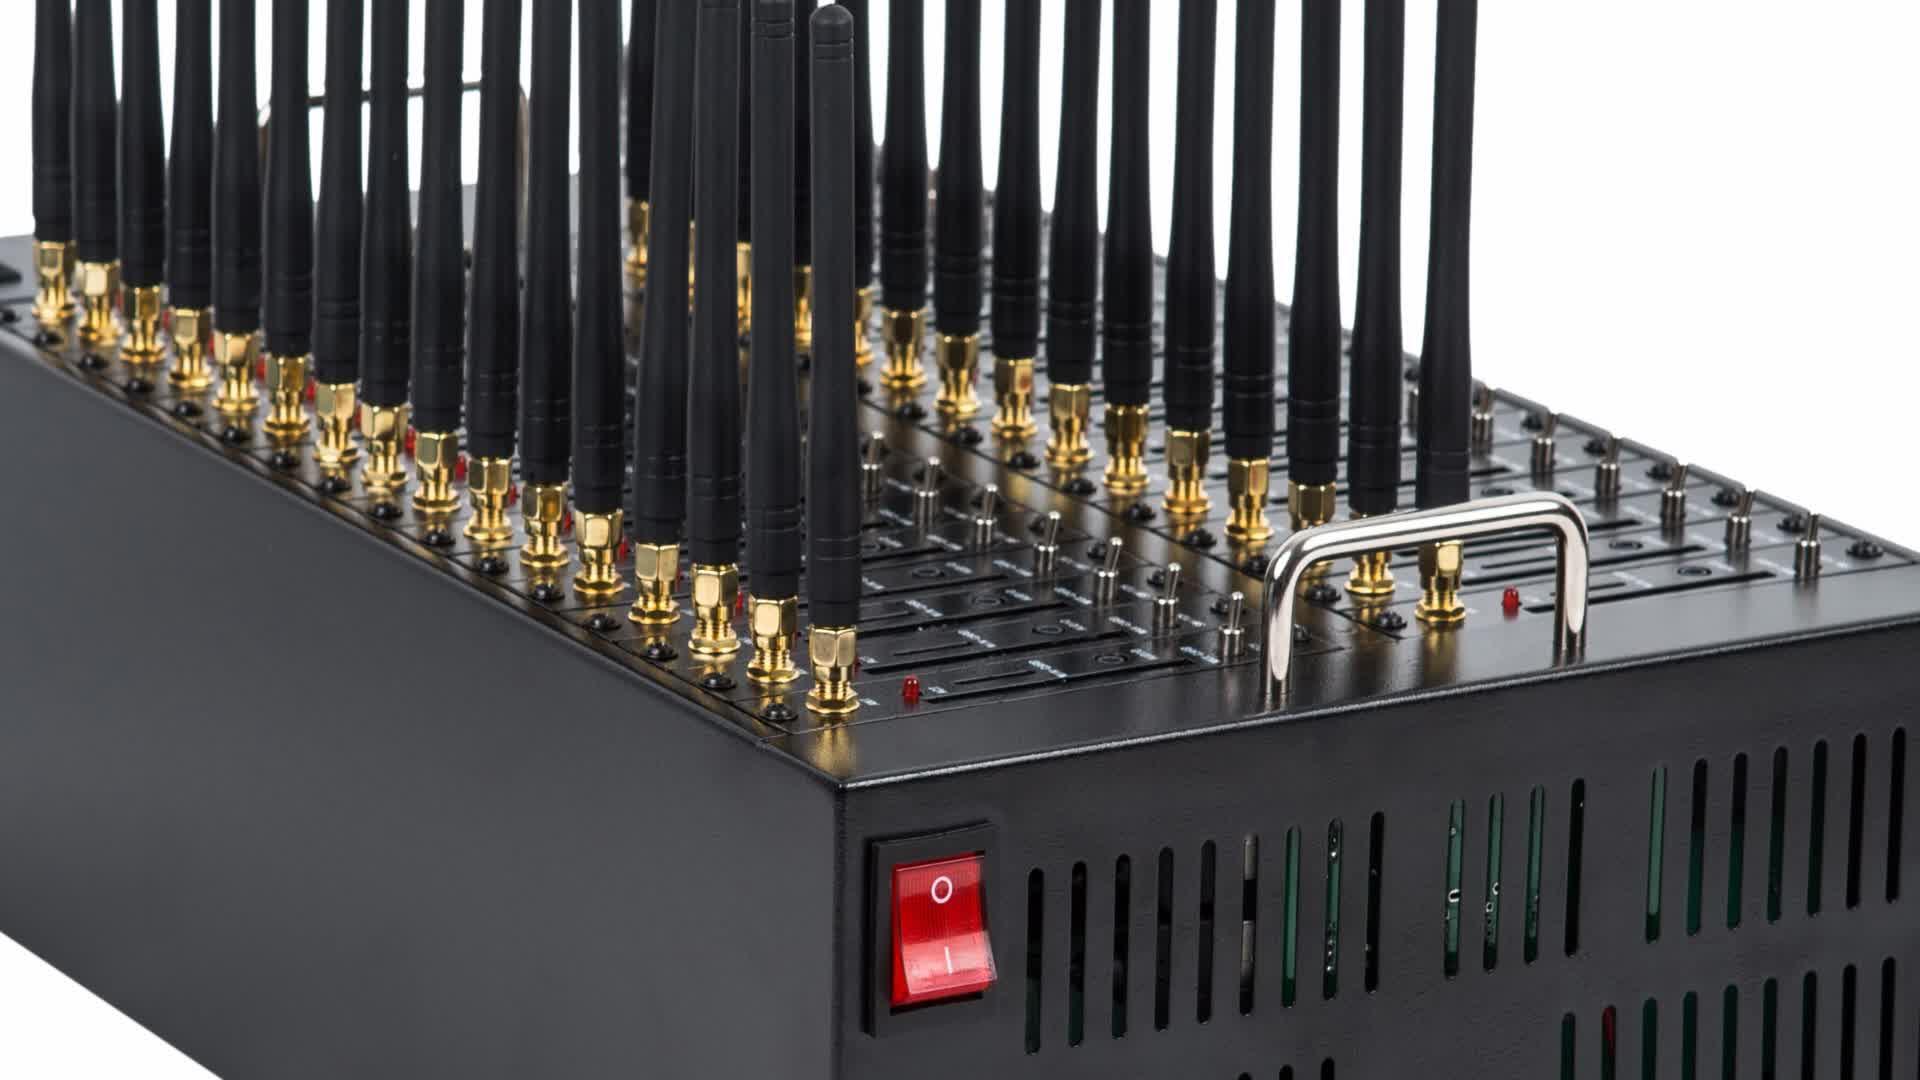 2020 ขายร้อนต่ำราคาอุปกรณ์ GSM 32 พอร์ต MODEM Pool SMS ซิมการ์ด 2G BULK Multi MODEM AT Commend IMEI เปลี่ยน